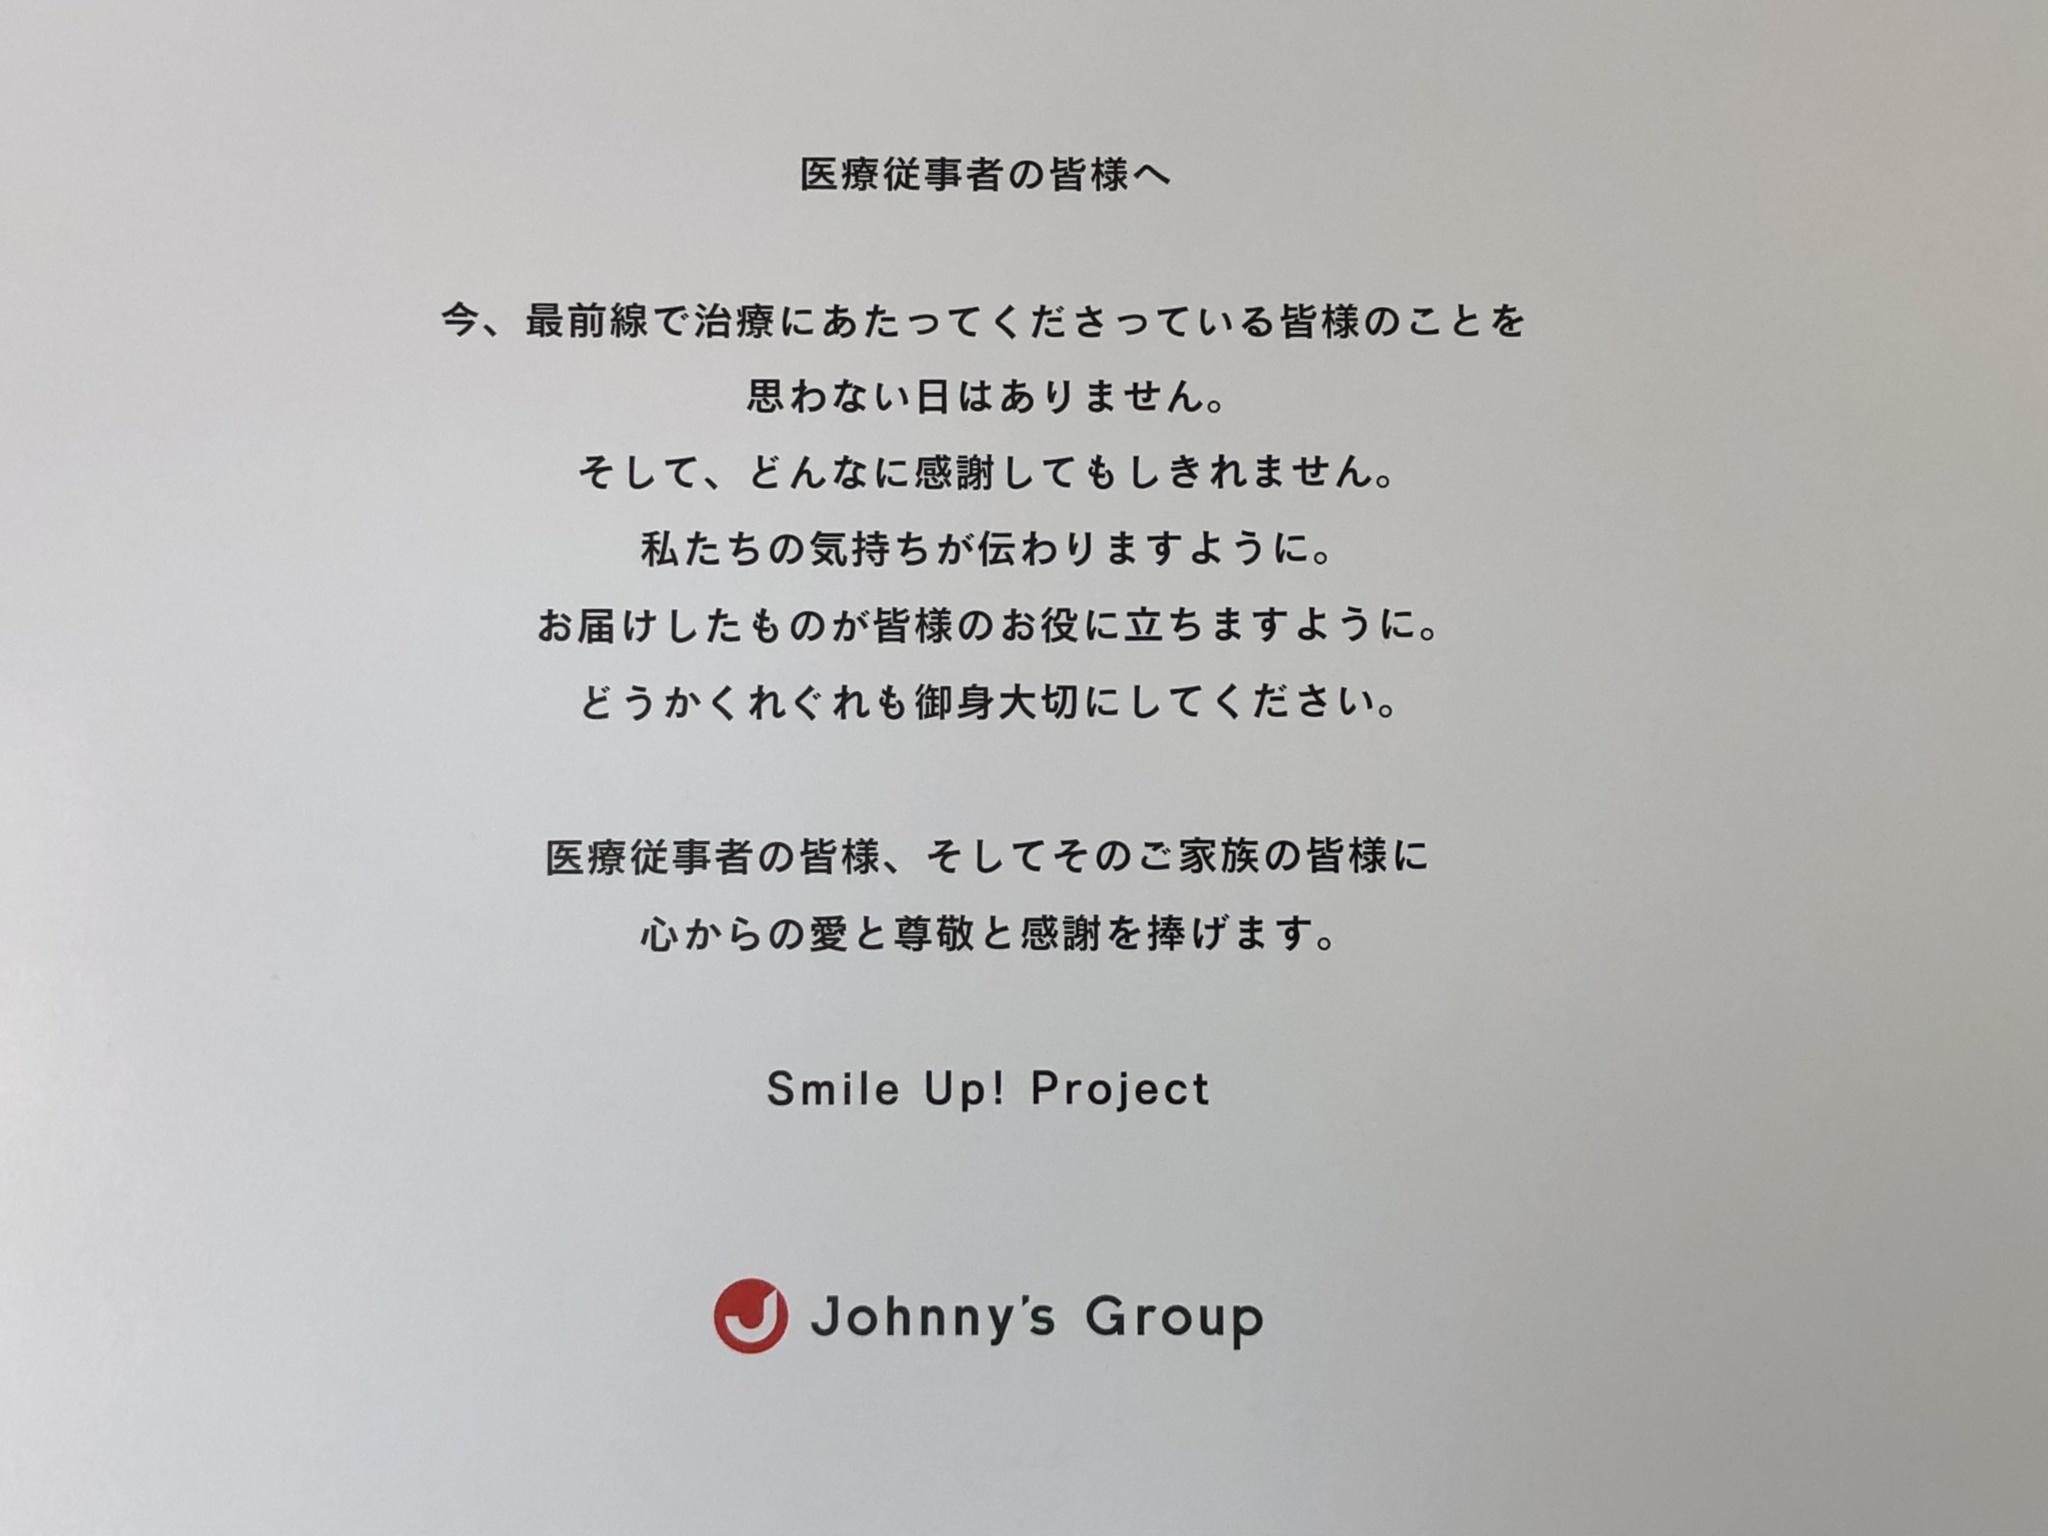 プロジェクト ジャニーズ スマイル アップ